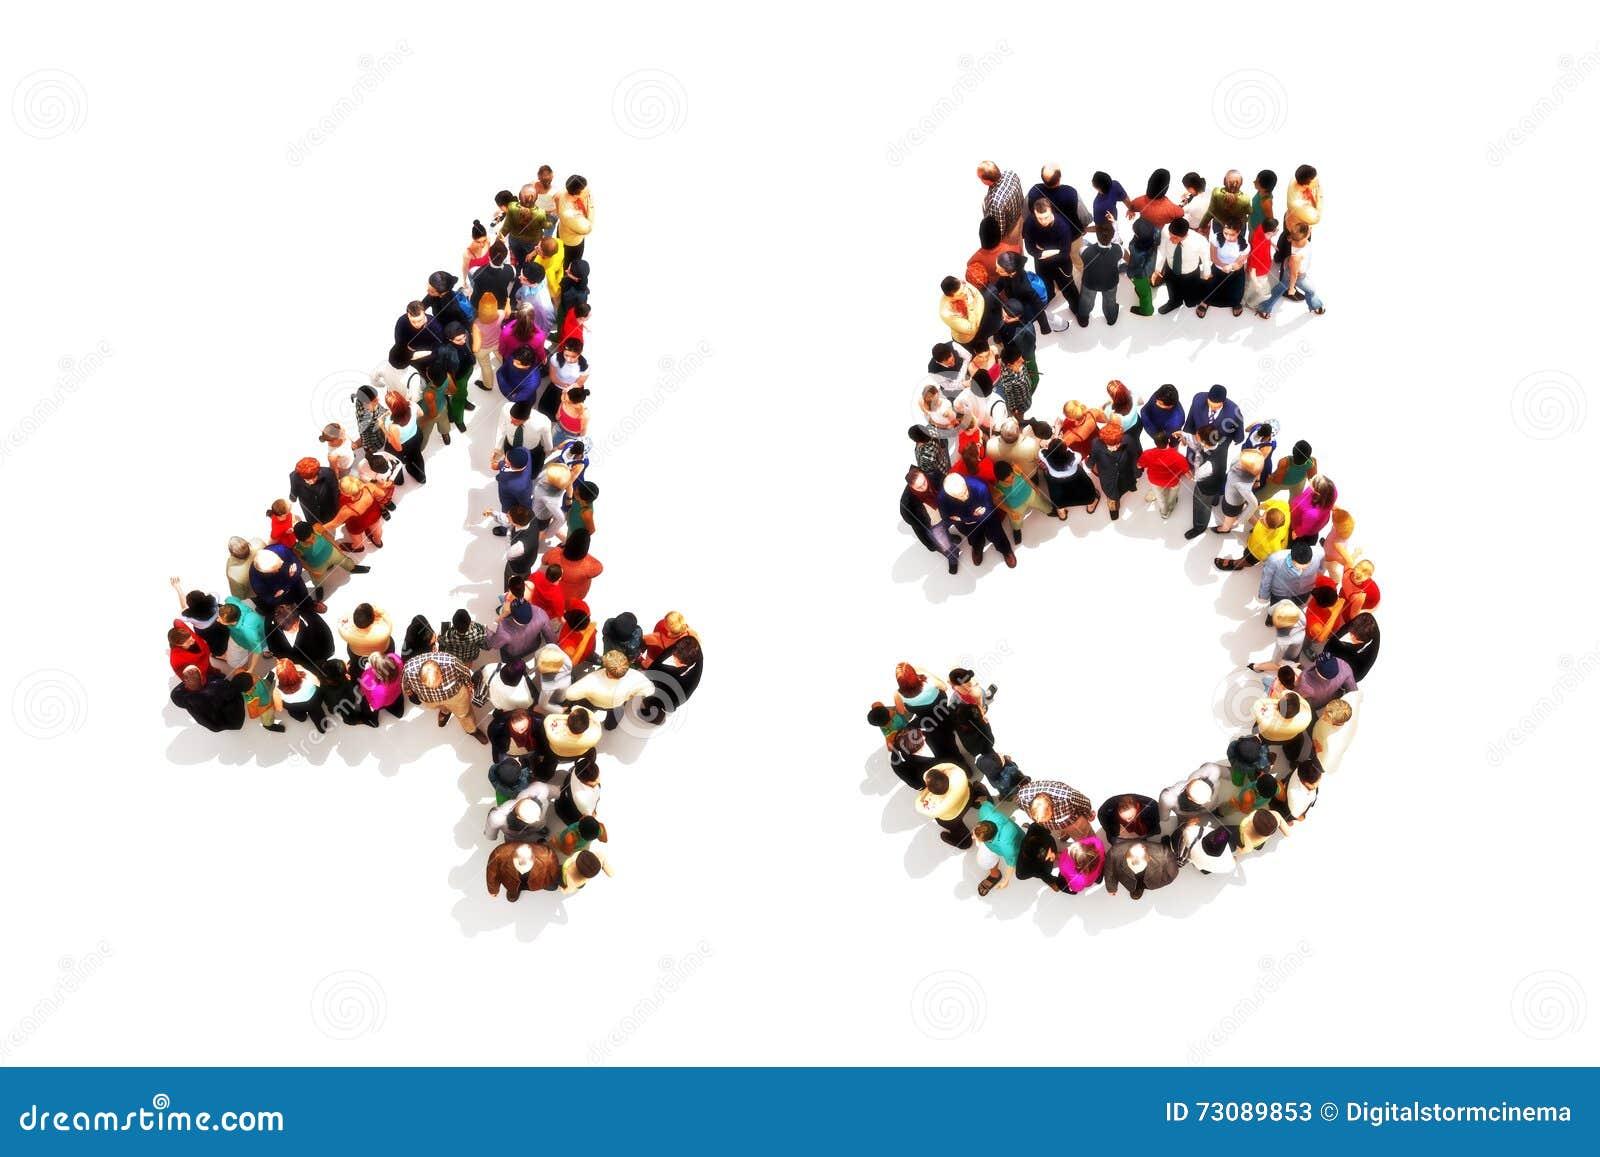 Ludzie tworzy kształt jako 3d liczba cztery i pięć (4) (5) symbol na białym tle